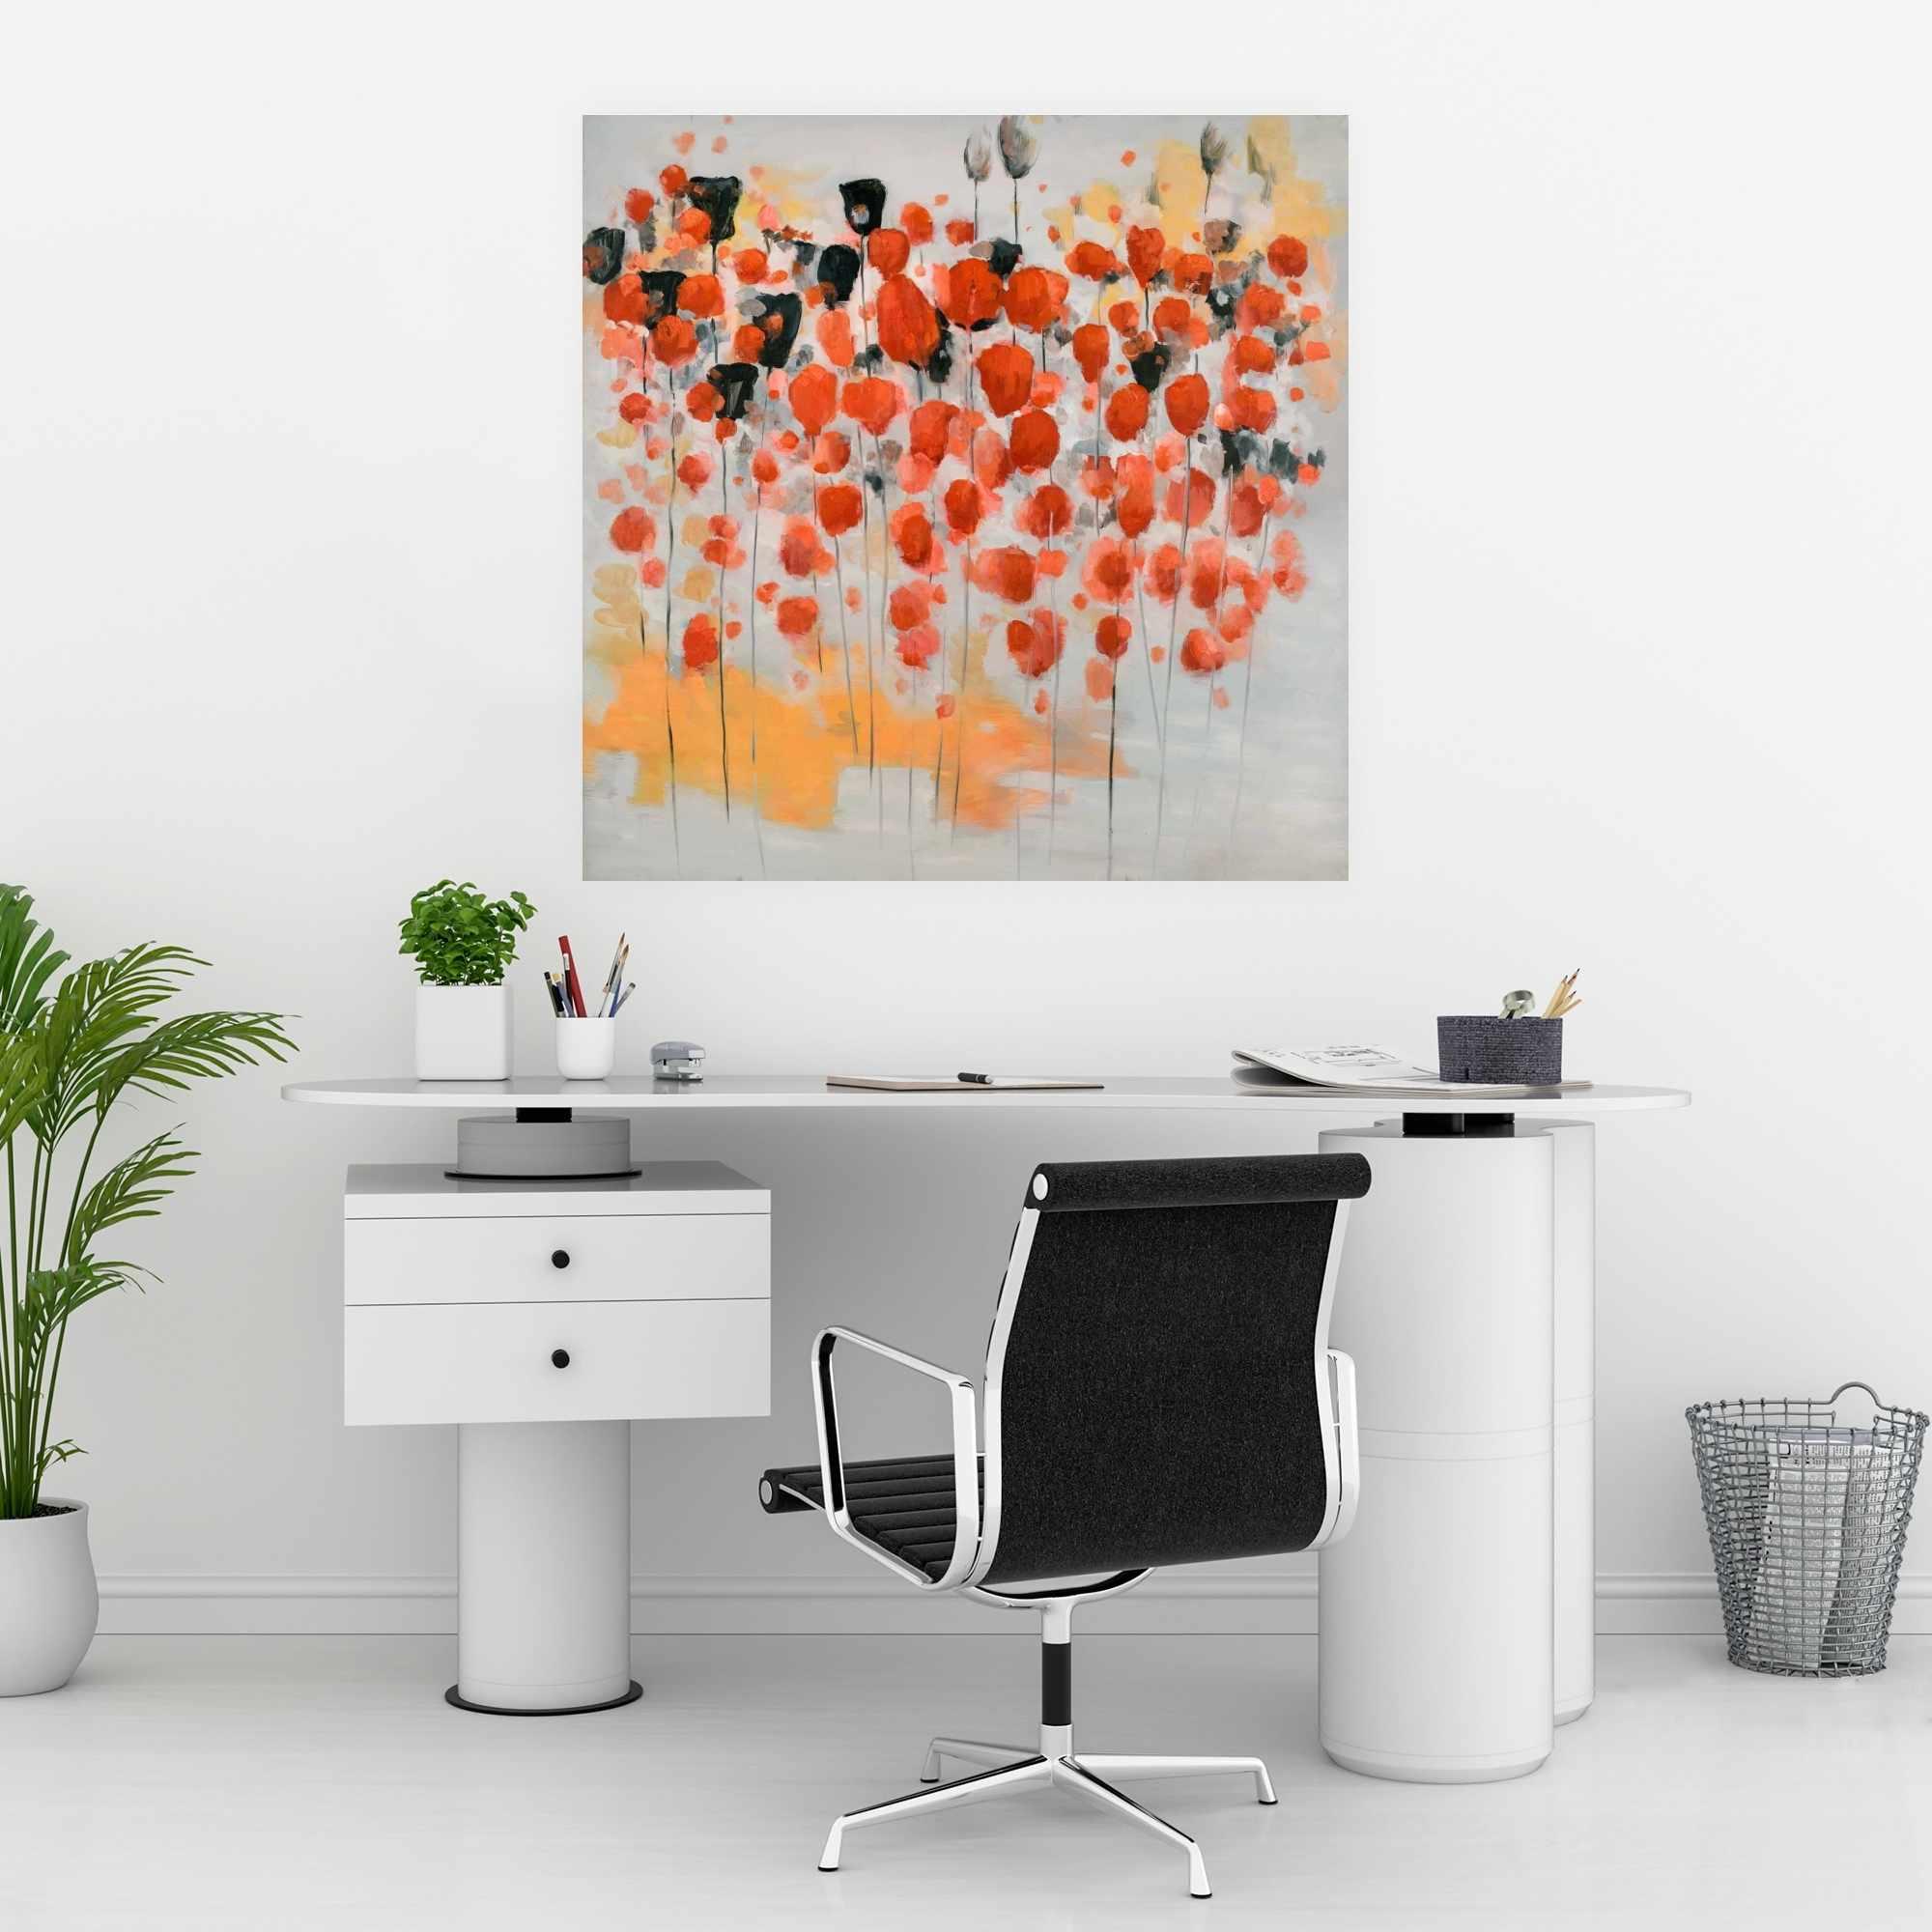 Affiche 30 x 30 - Champ de fleurs ronde rouges abstraites